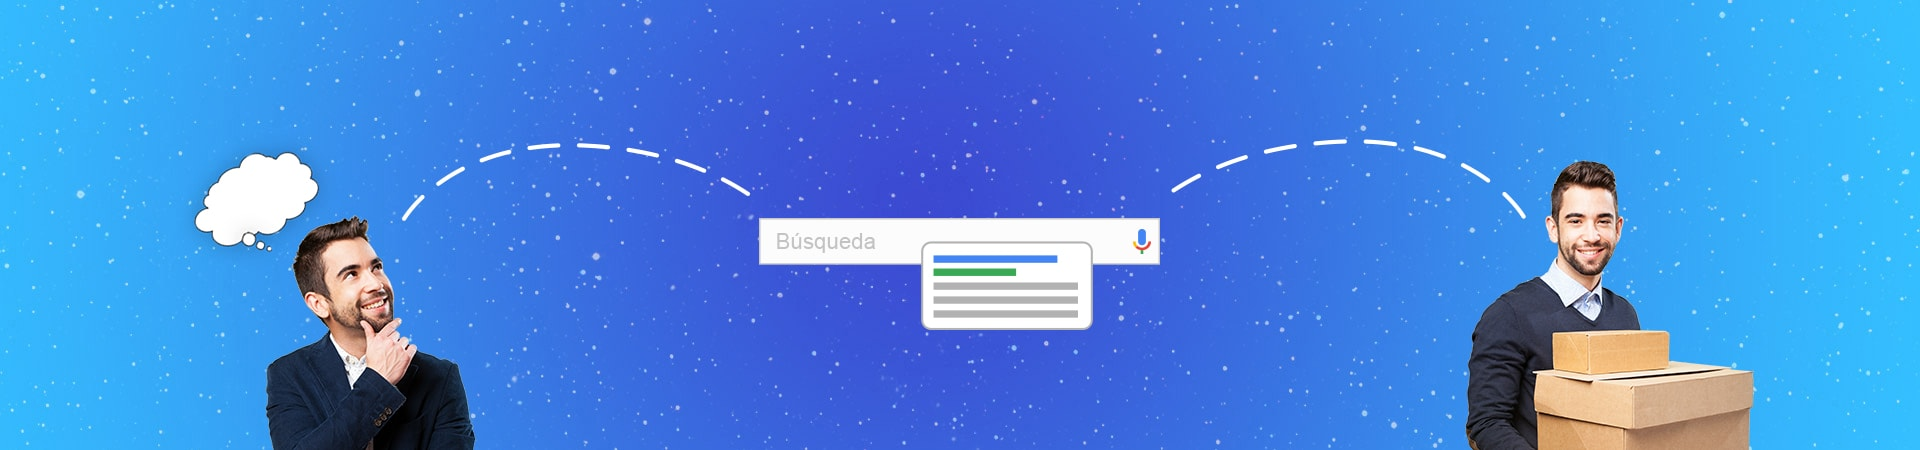 Andonie Tech - Busqueda